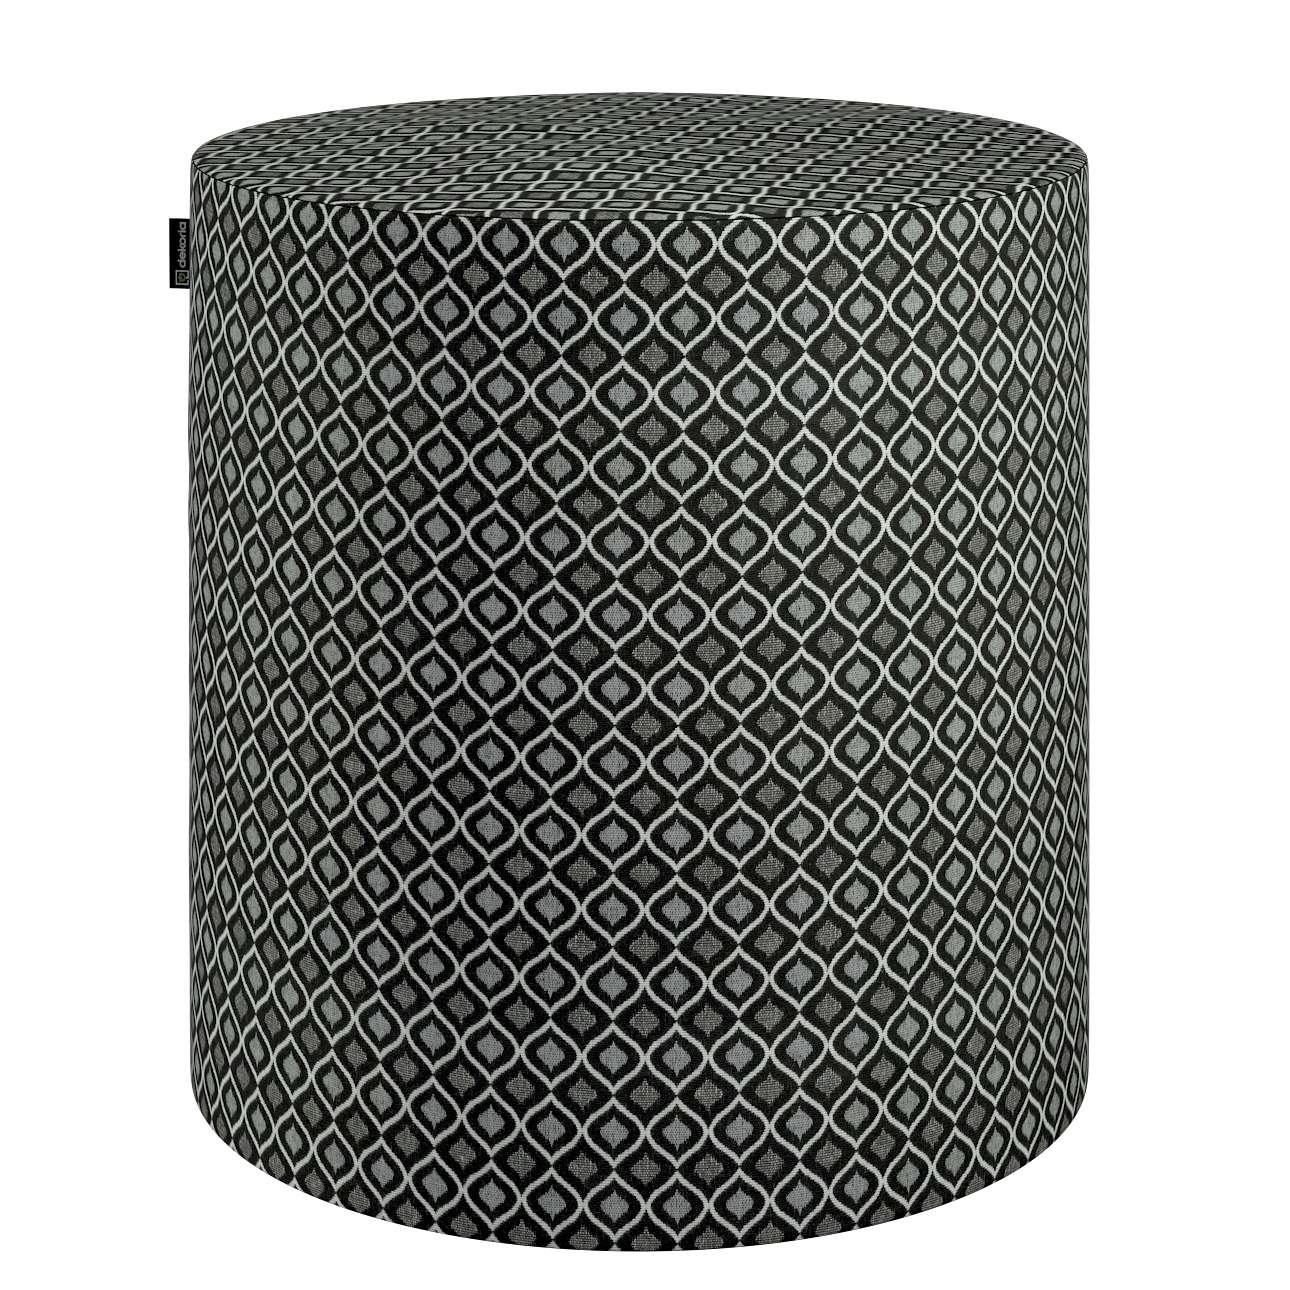 Siddepuf og fodskammel fra kollektionen Black & White, Stof: 142-86